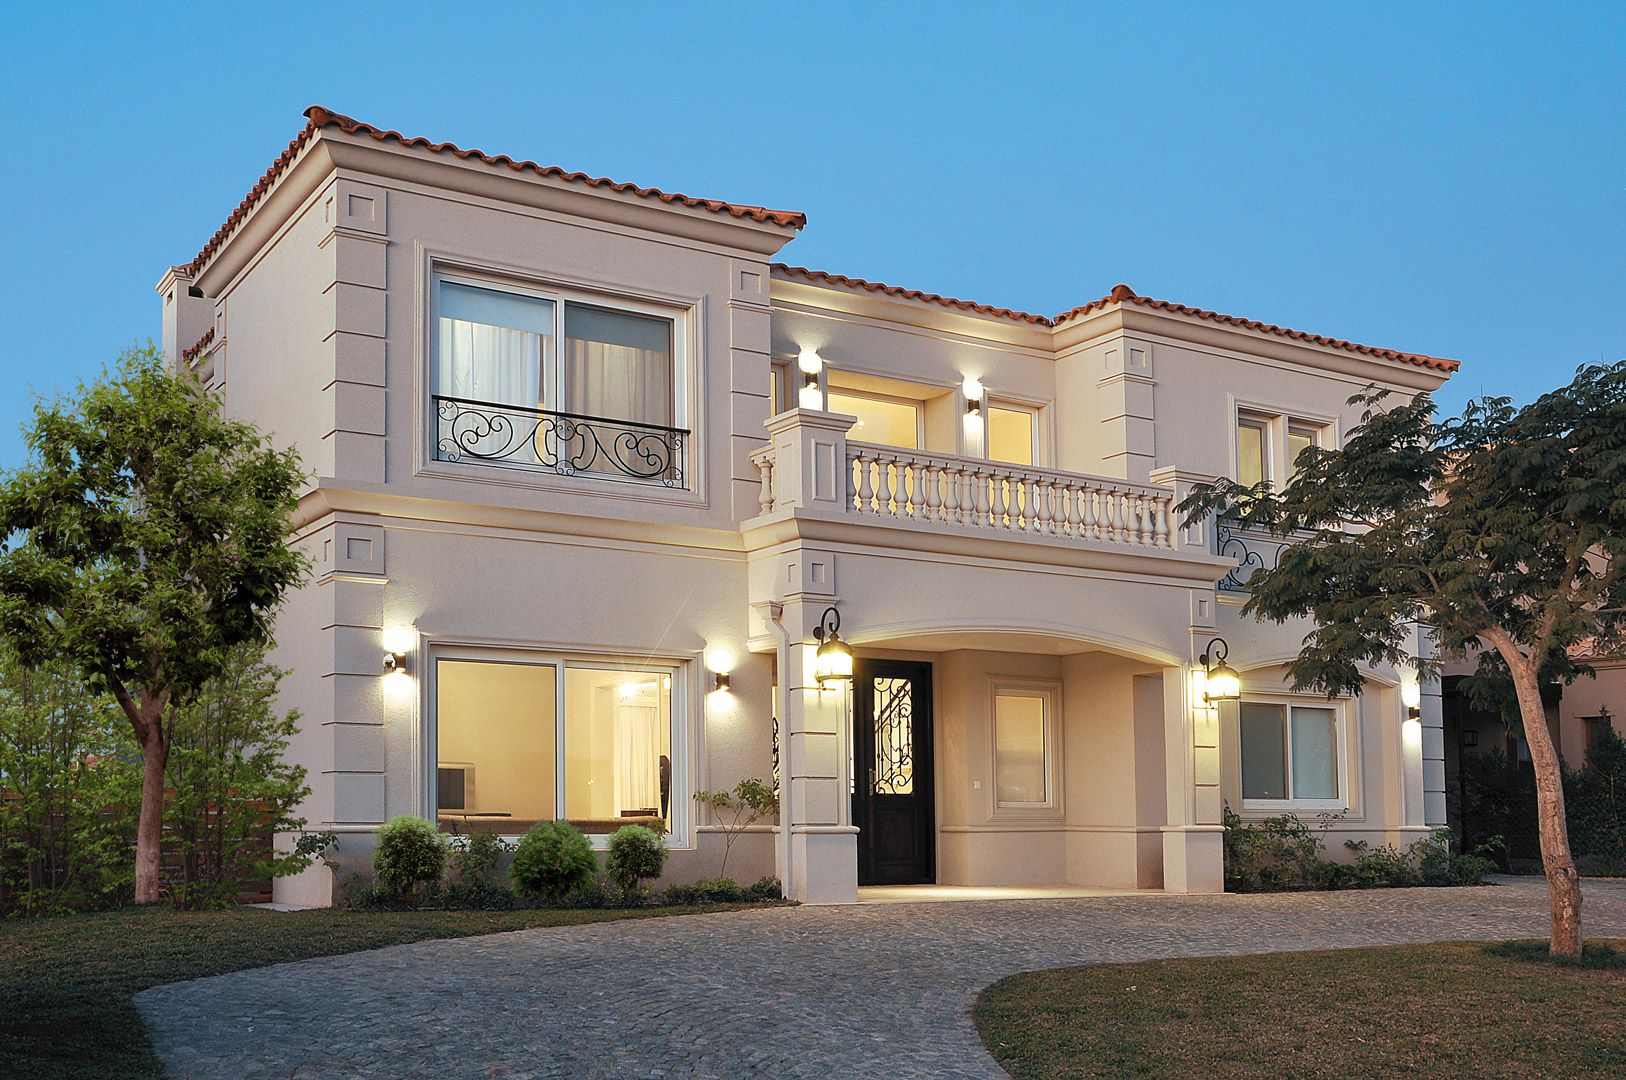 Housing construcciones arq casa estilo arquitectos y for Casas clasicas fotos